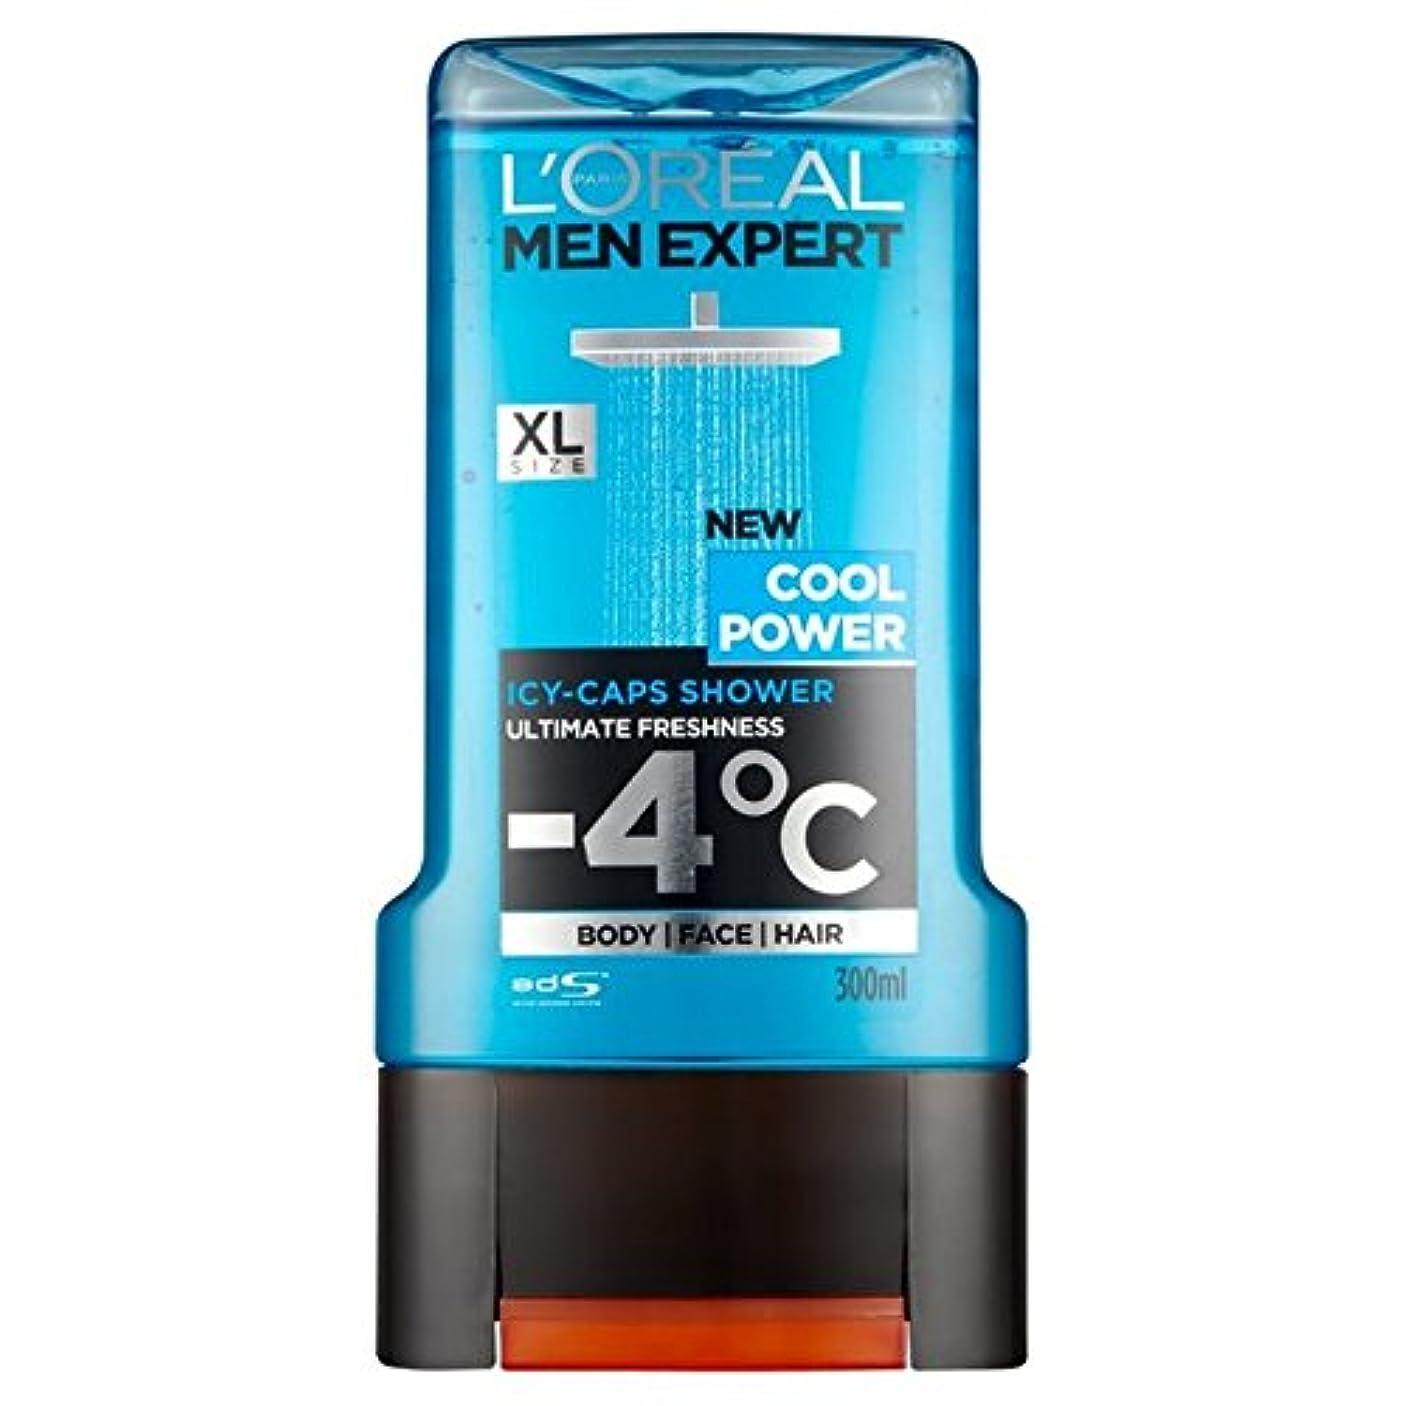 打たれたトラック単なる発生器ロレアルパリの男性の専門家のクールなパワーシャワージェル300ミリリットル x2 - L'Oreal Paris Men Expert Cool Power Shower Gel 300ml (Pack of 2) [並行輸入品]